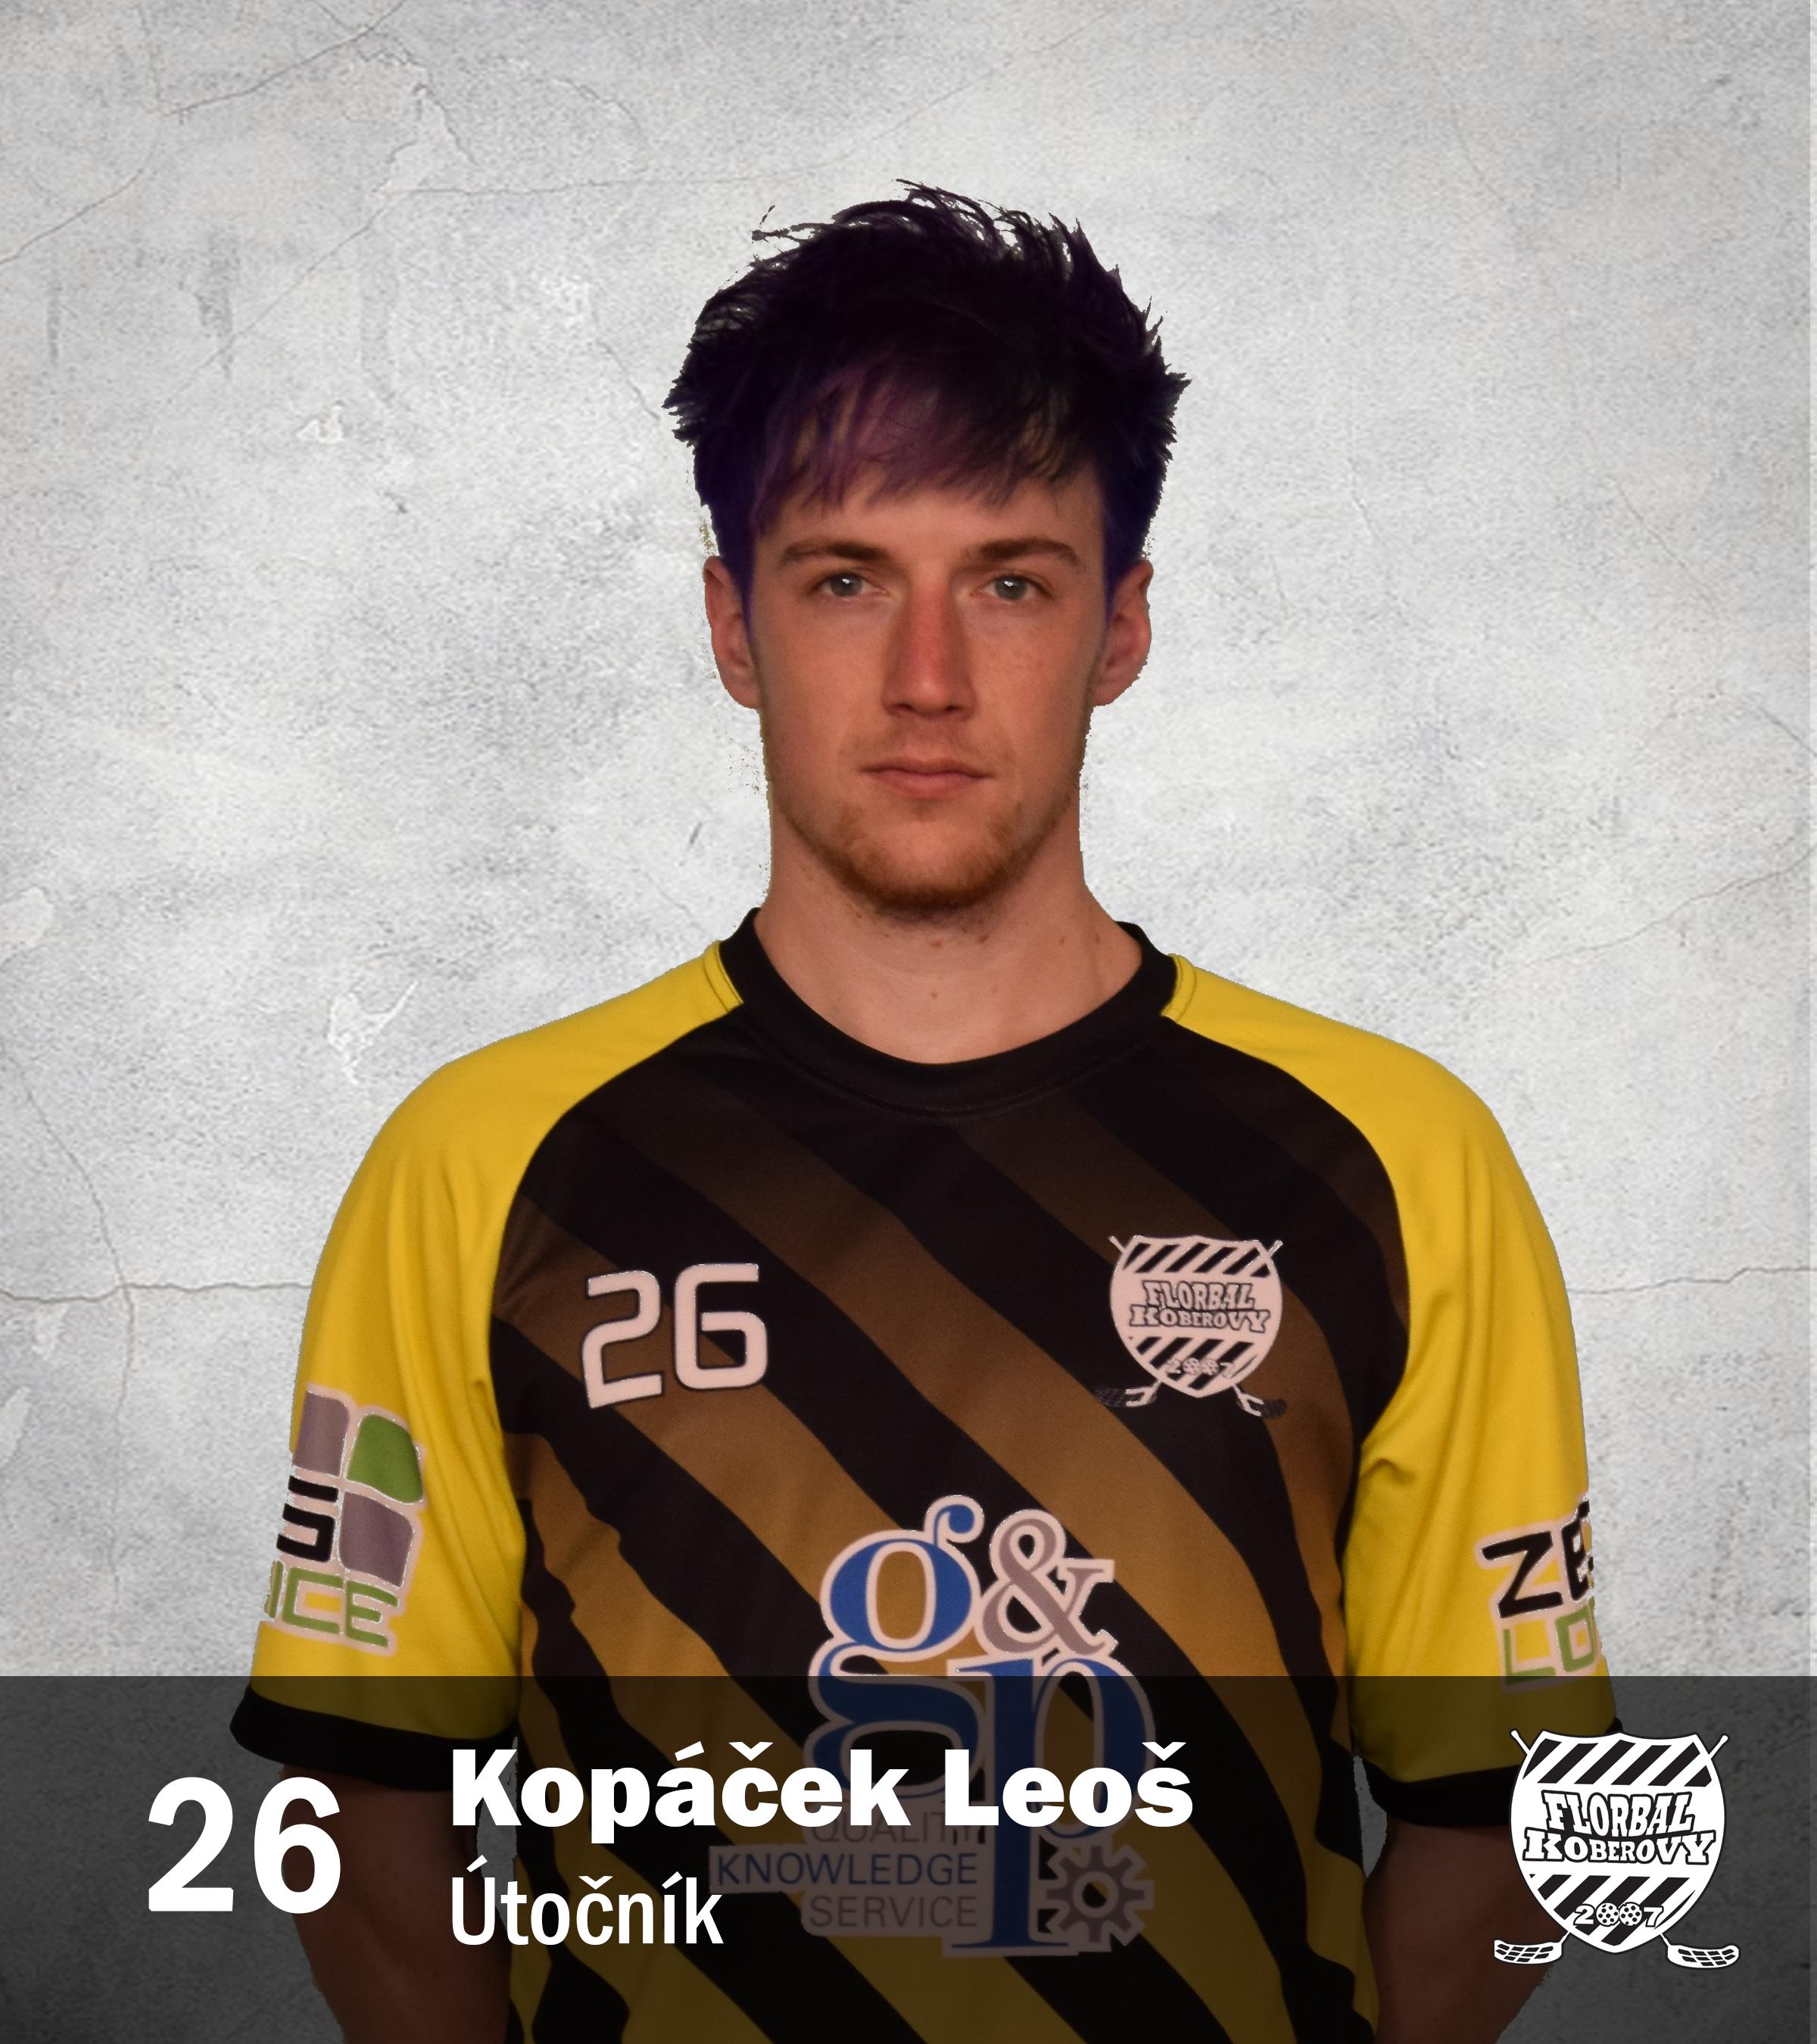 26 Kopáček Leoš